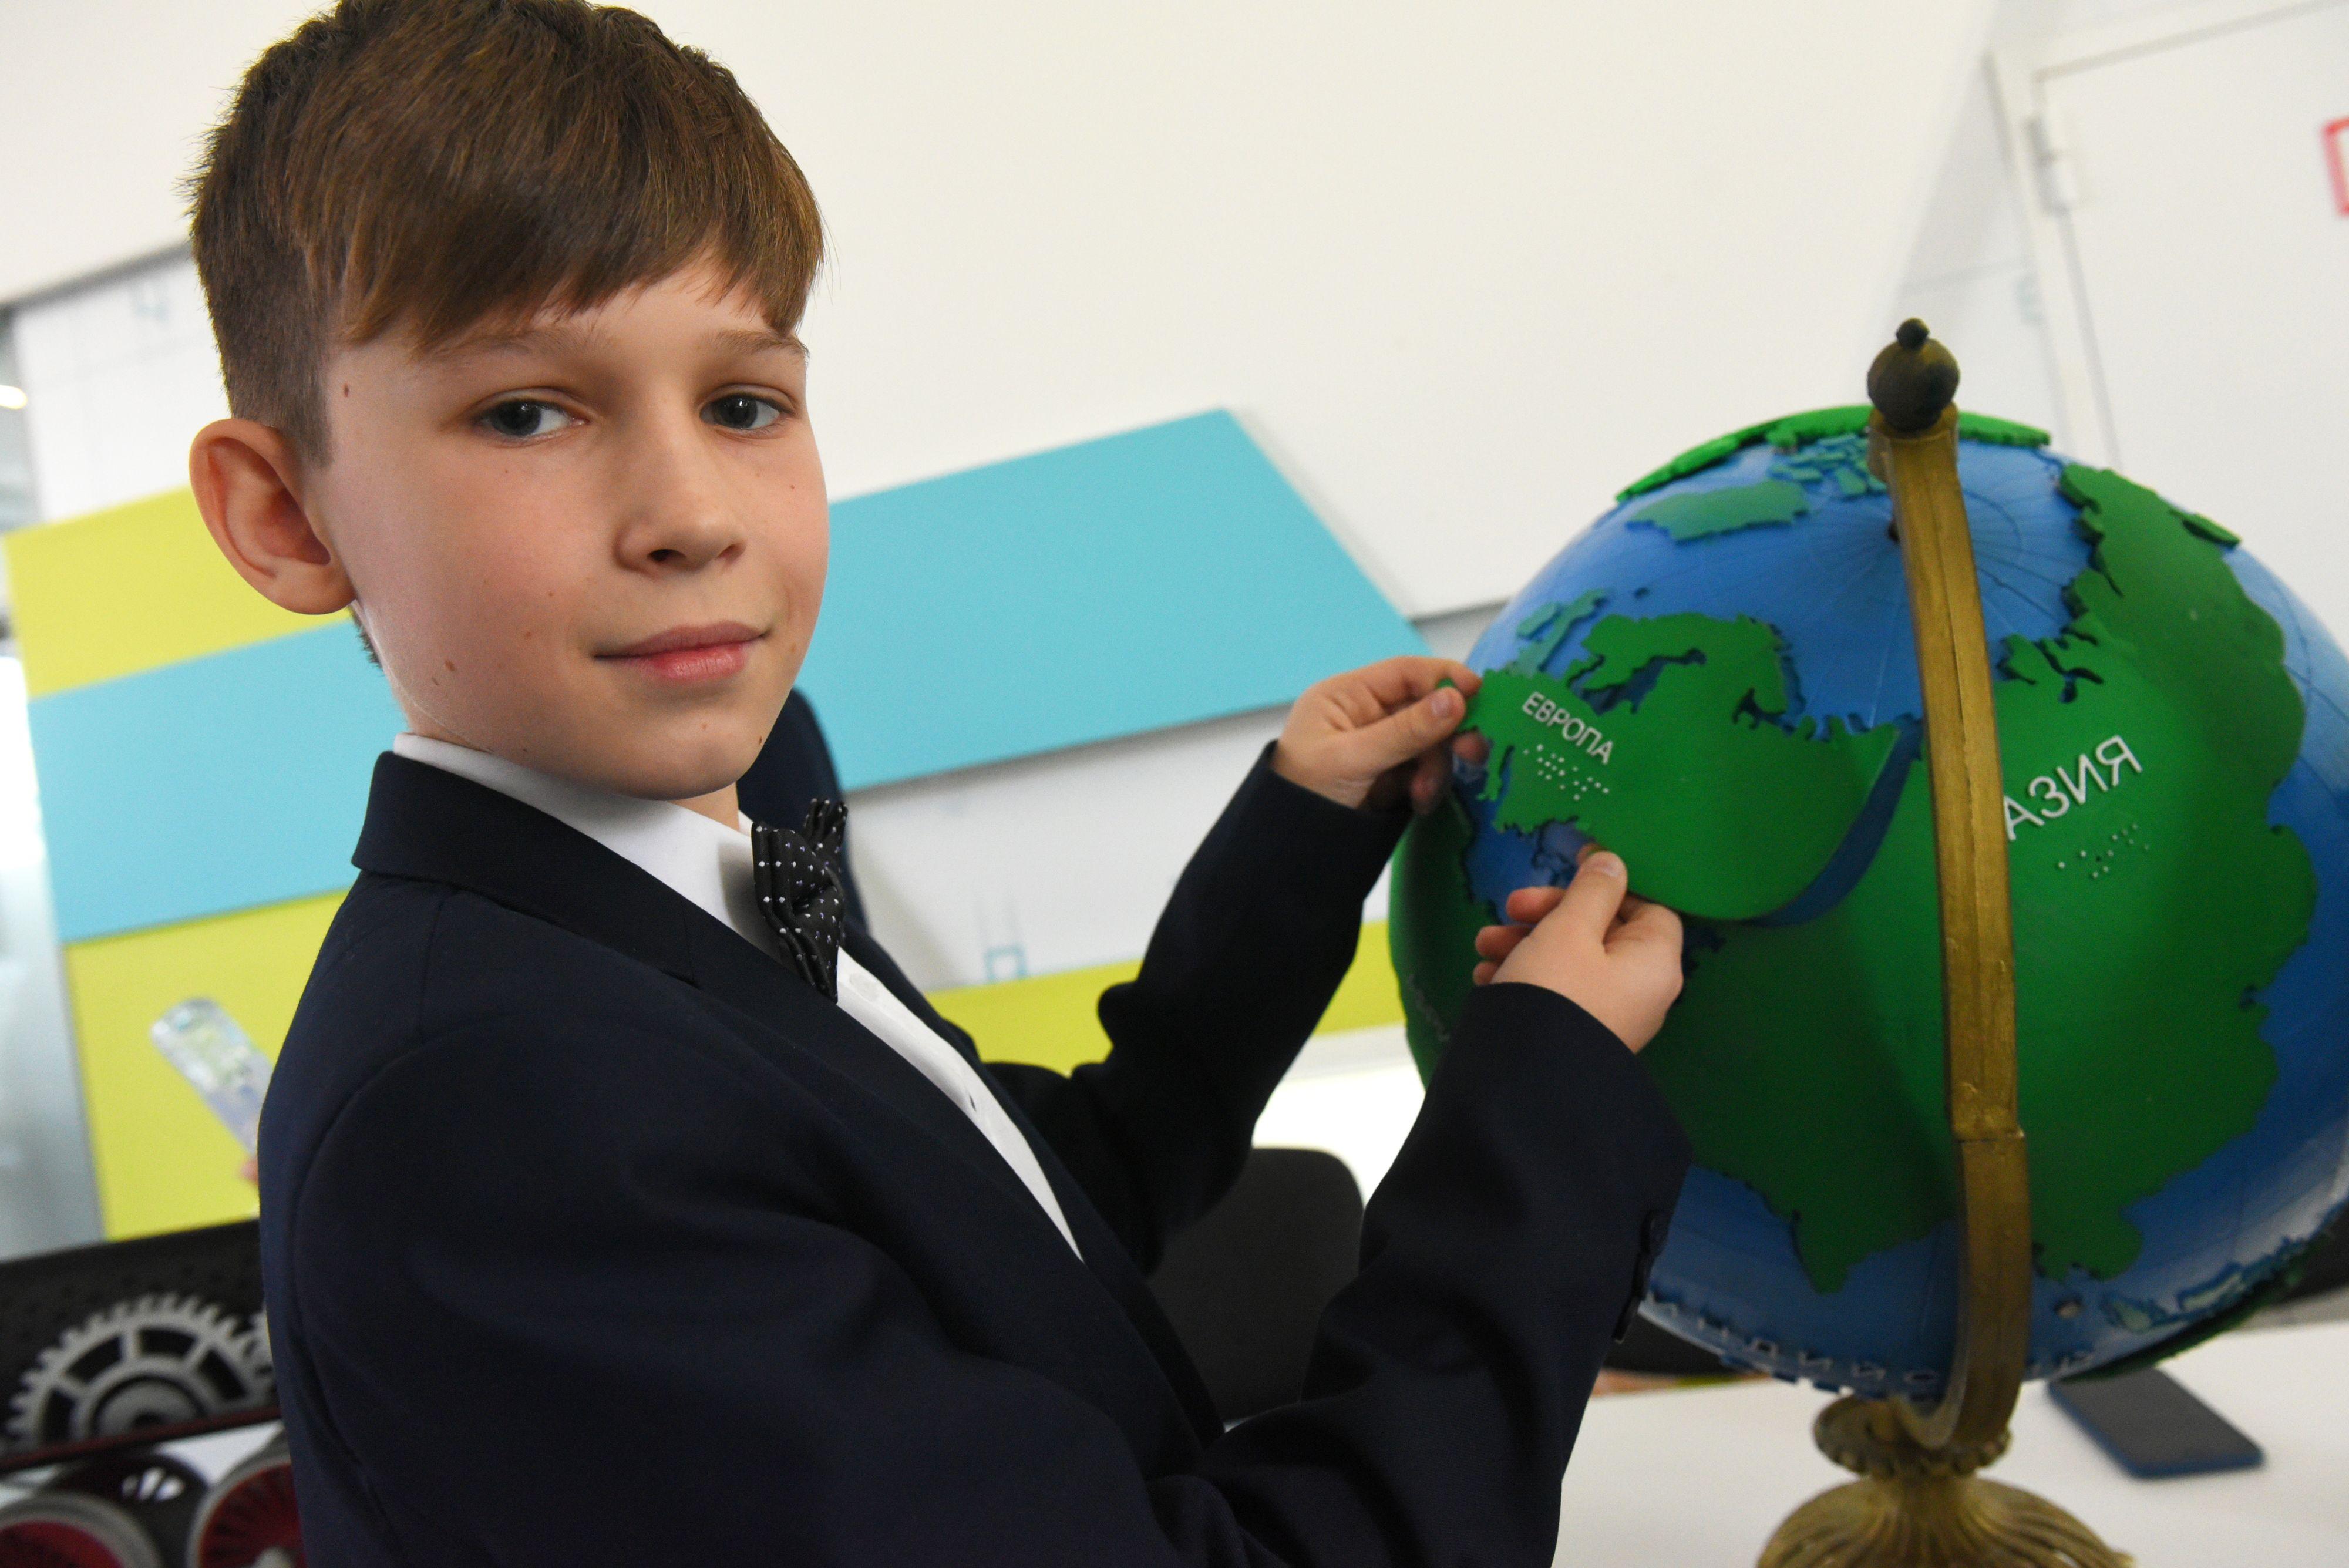 Москва введет 20 школ и детсадов за лето